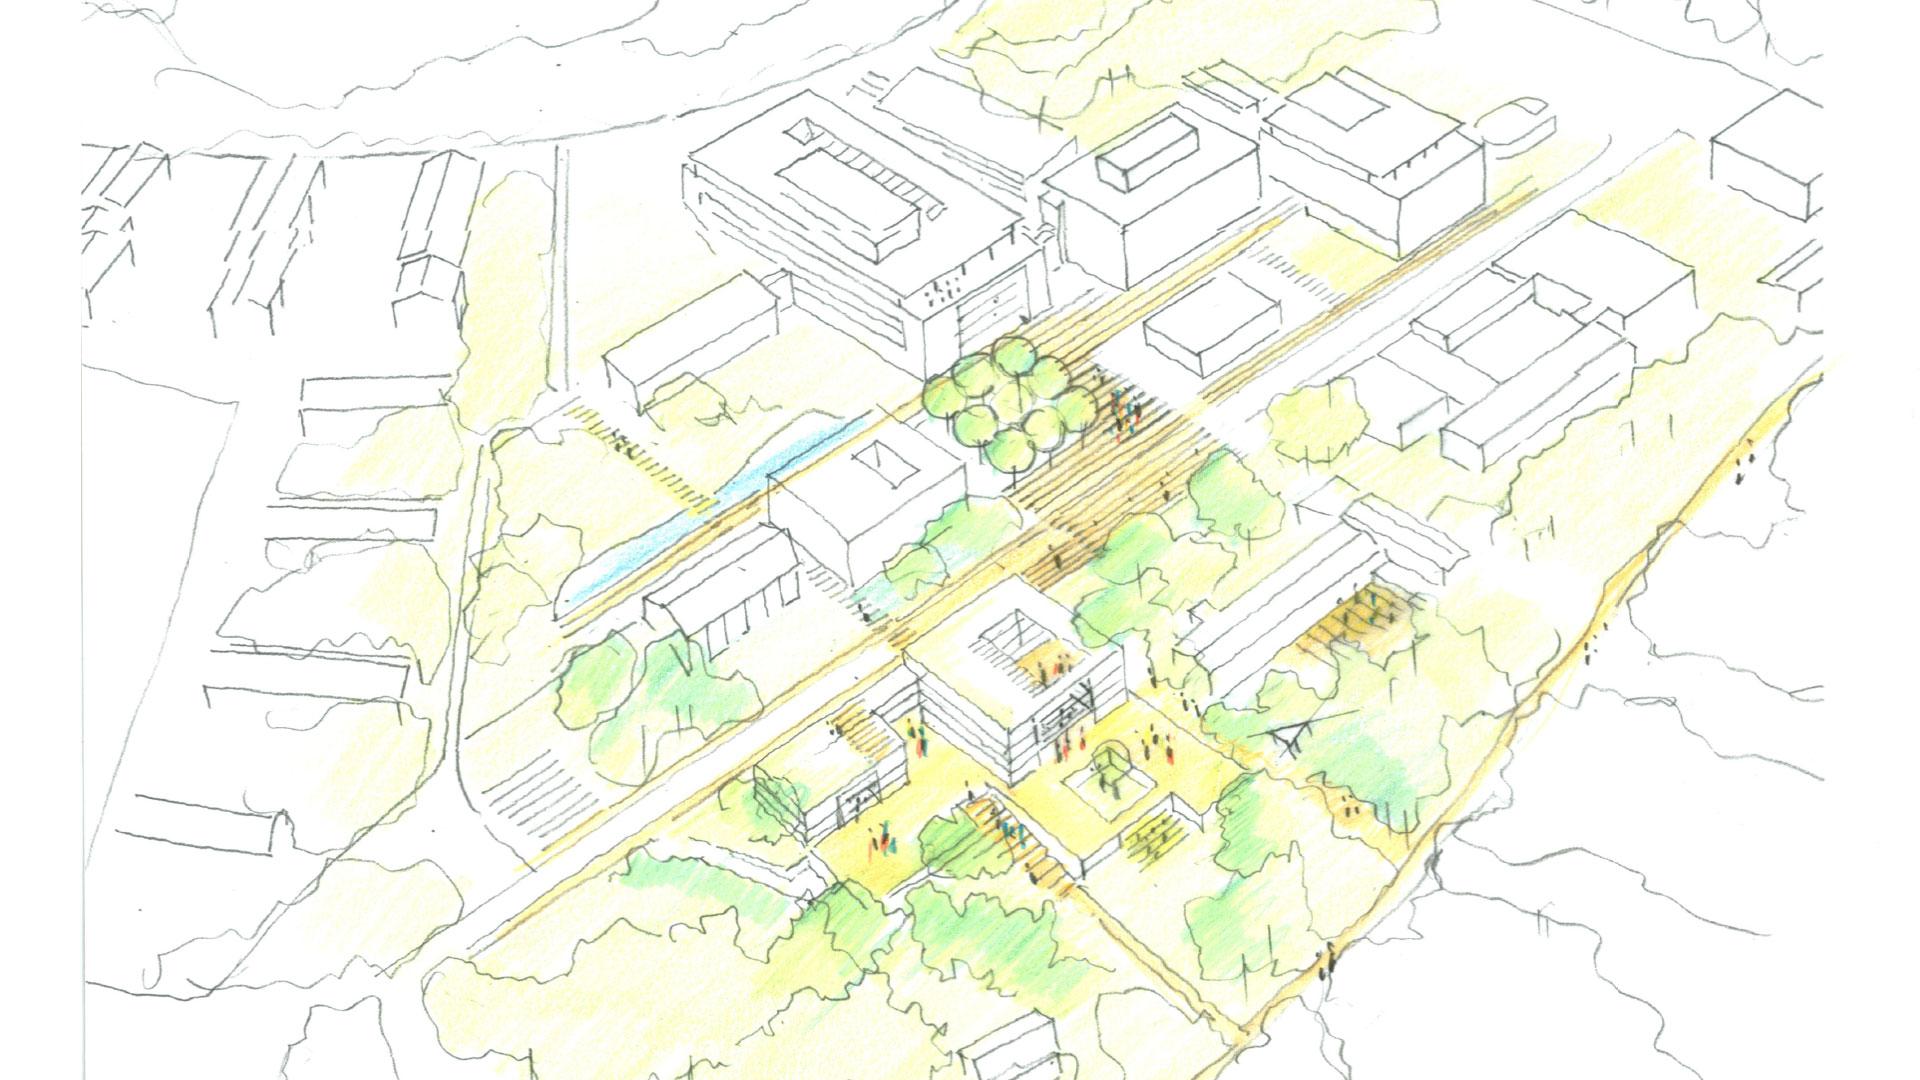 Max-Planck-Institut Für Intelligente Systeme (MPI IS) In Tübingen 12 - ArGe Architekten